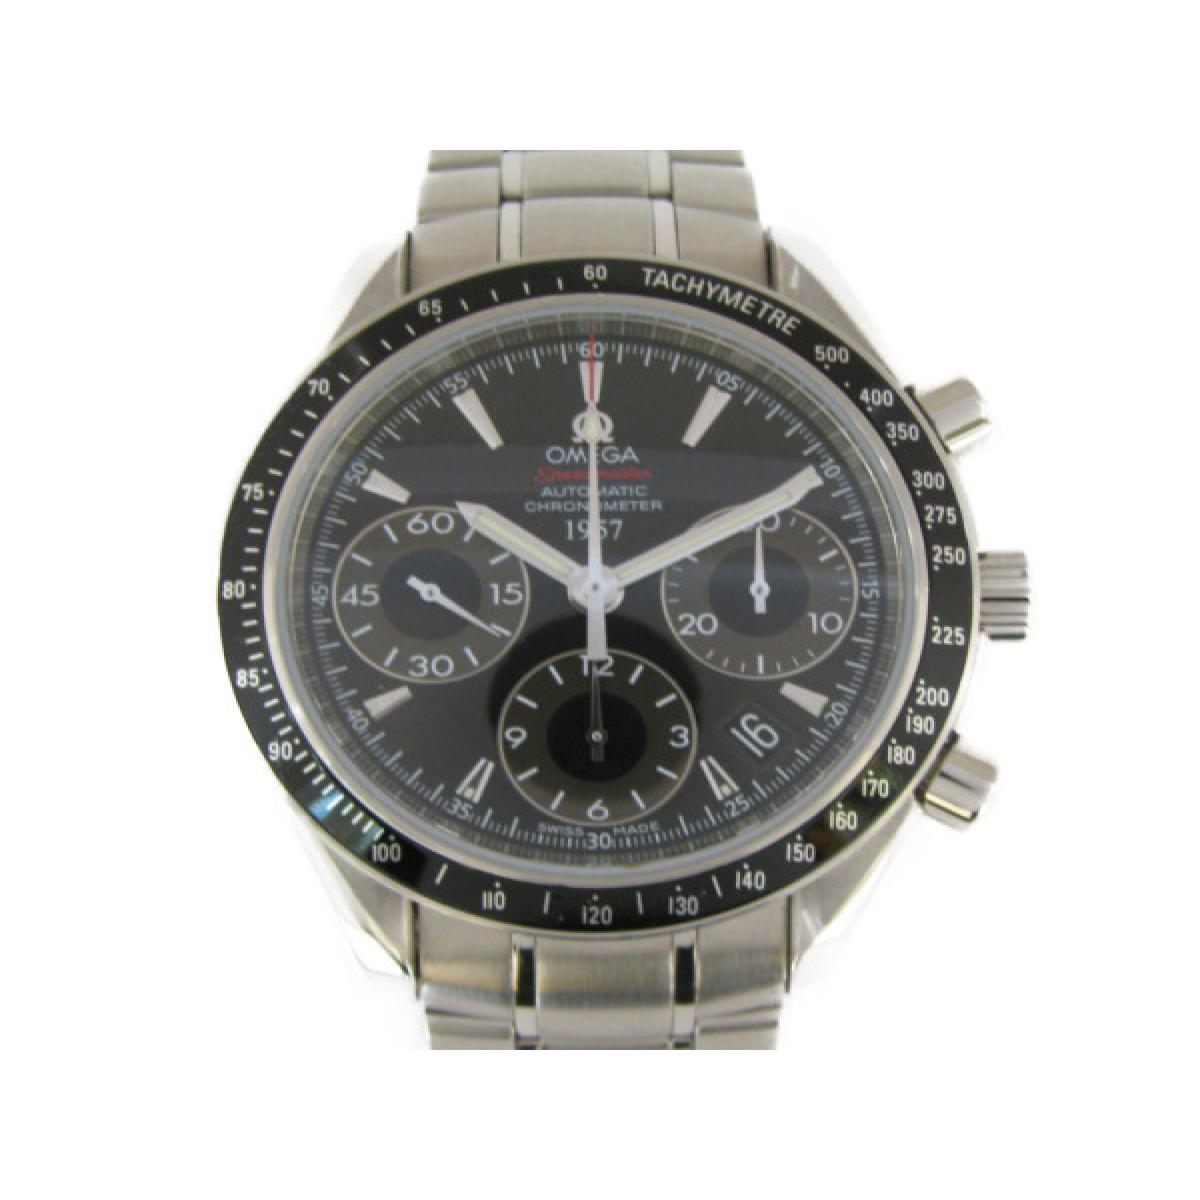 【中古】 オメガ スピードマスター デイト 腕時計 ウォッチ メンズ ステンレススチール (SS) (323.30.40.40.01.001) | OMEGA オートマチック 自動巻き 時計 スピードマスター デイト SS メンズ 美品 ブランドオフ